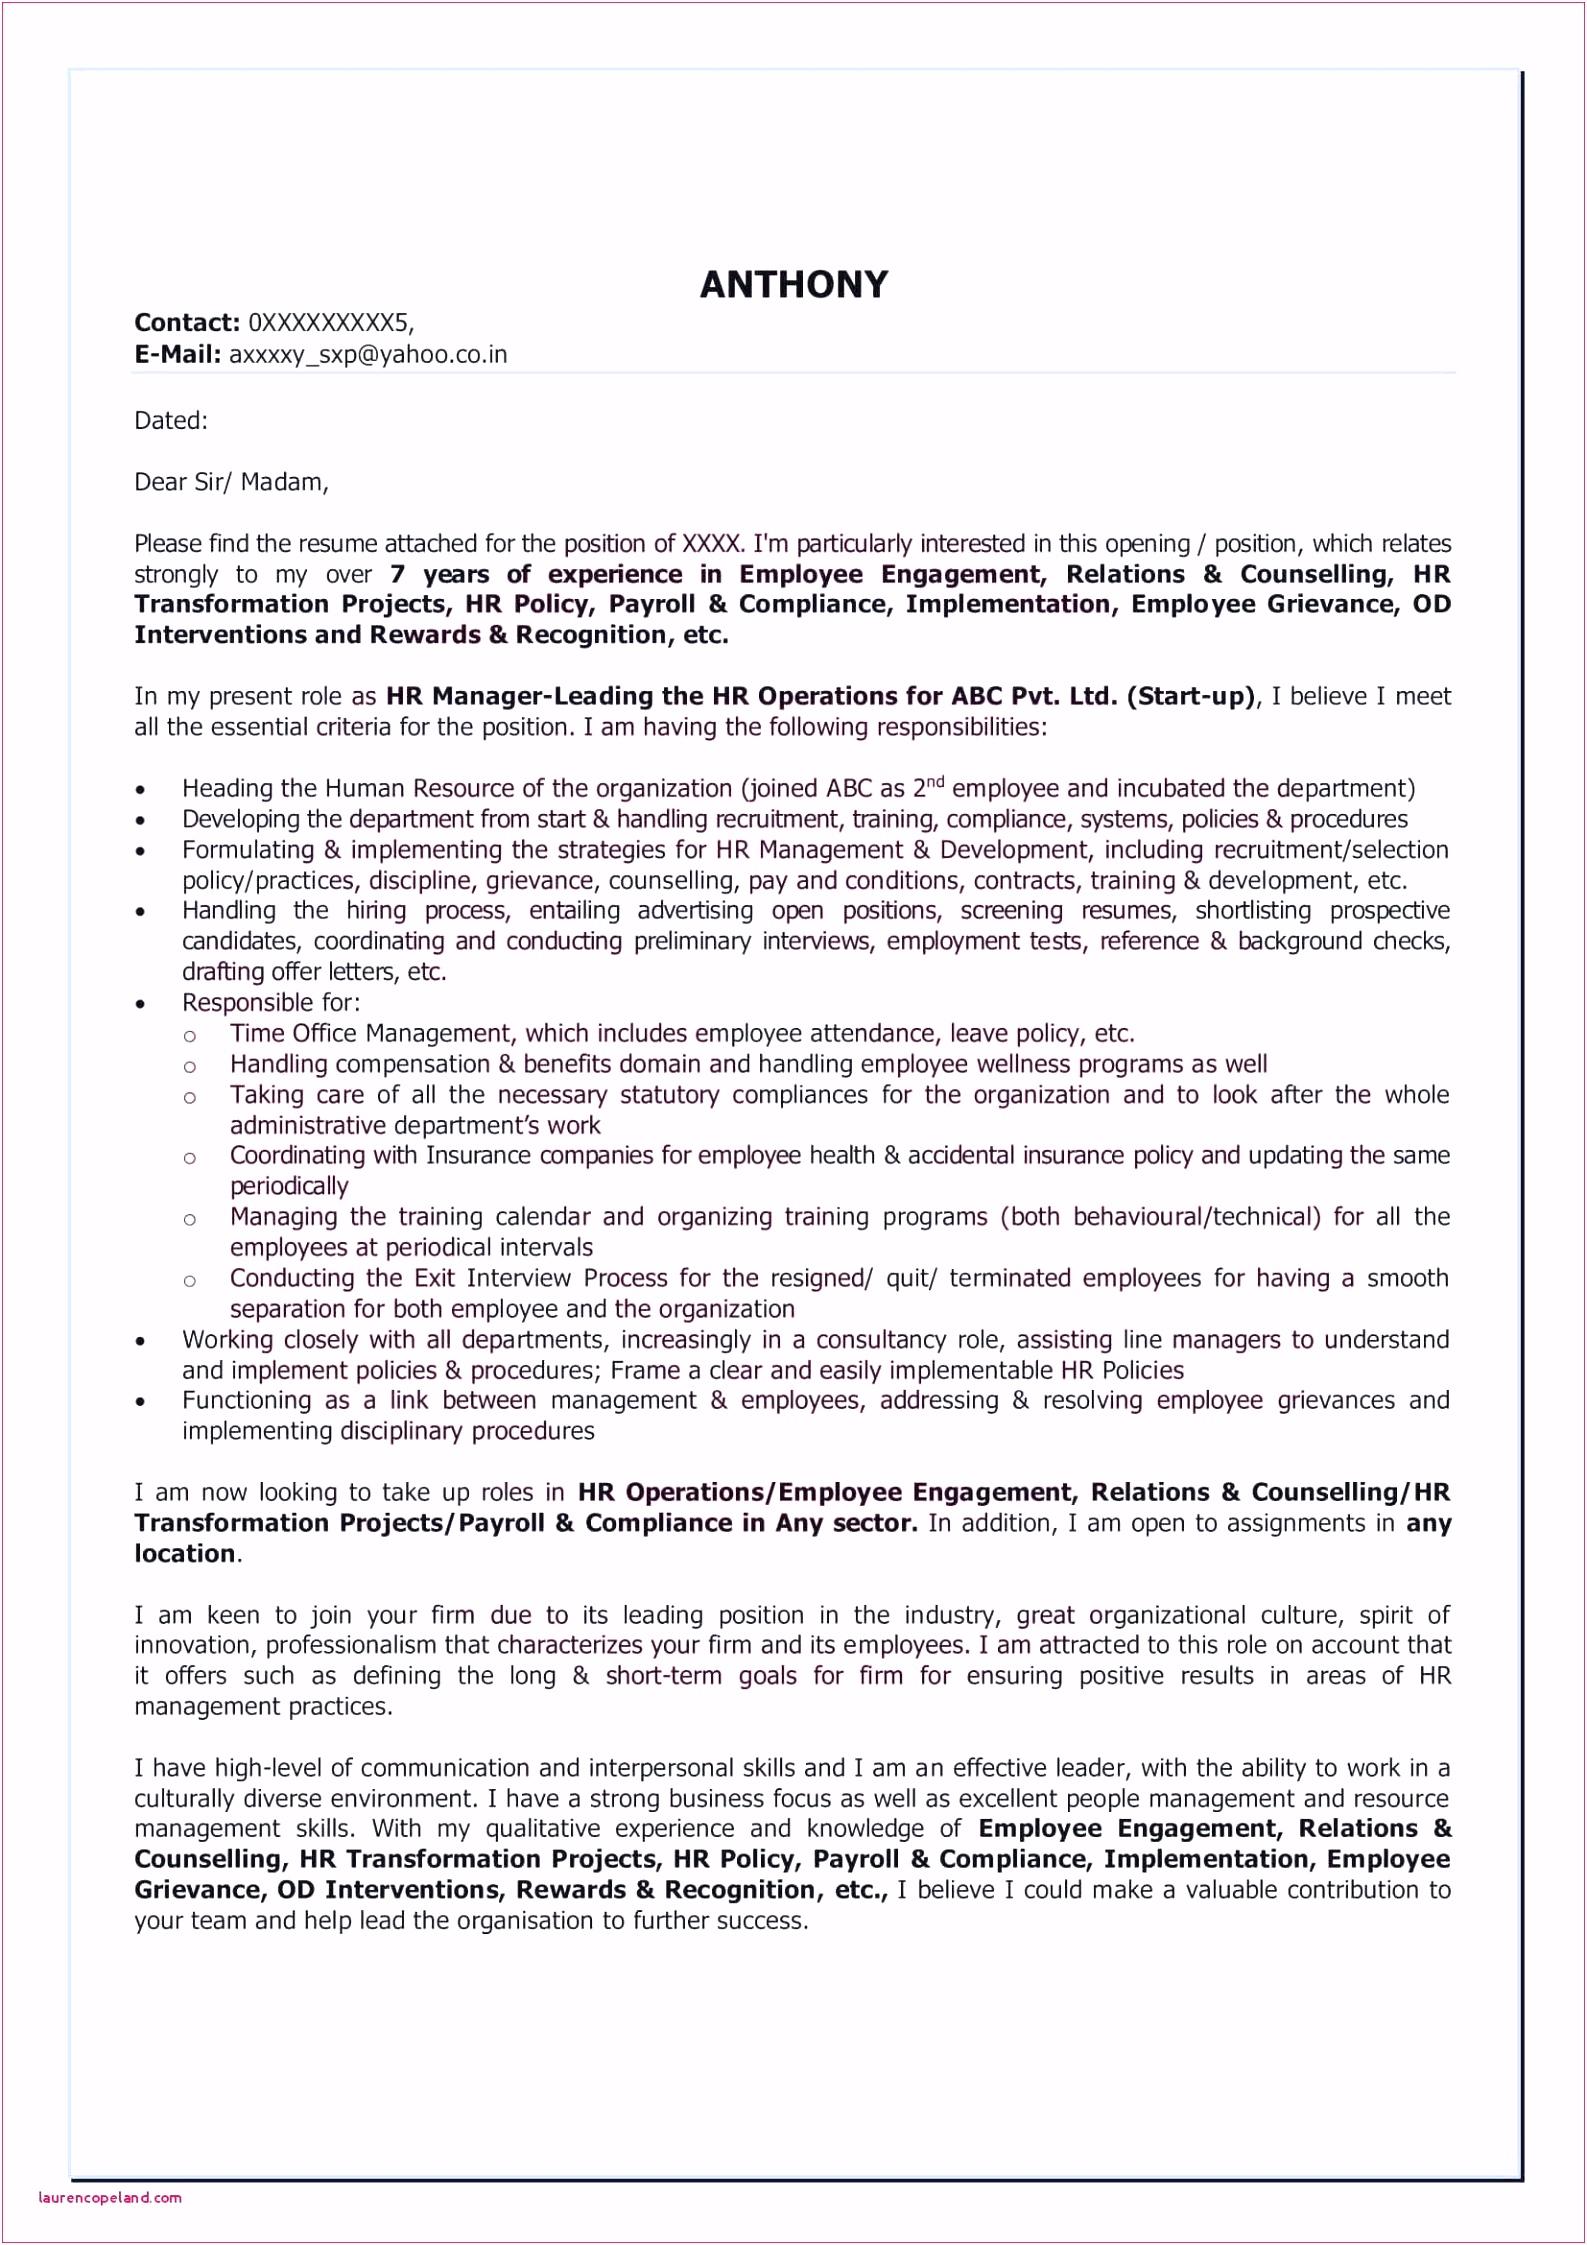 Vertrag Widerrufen Vorlage Vodafone Widerruf Muster laurencopeland